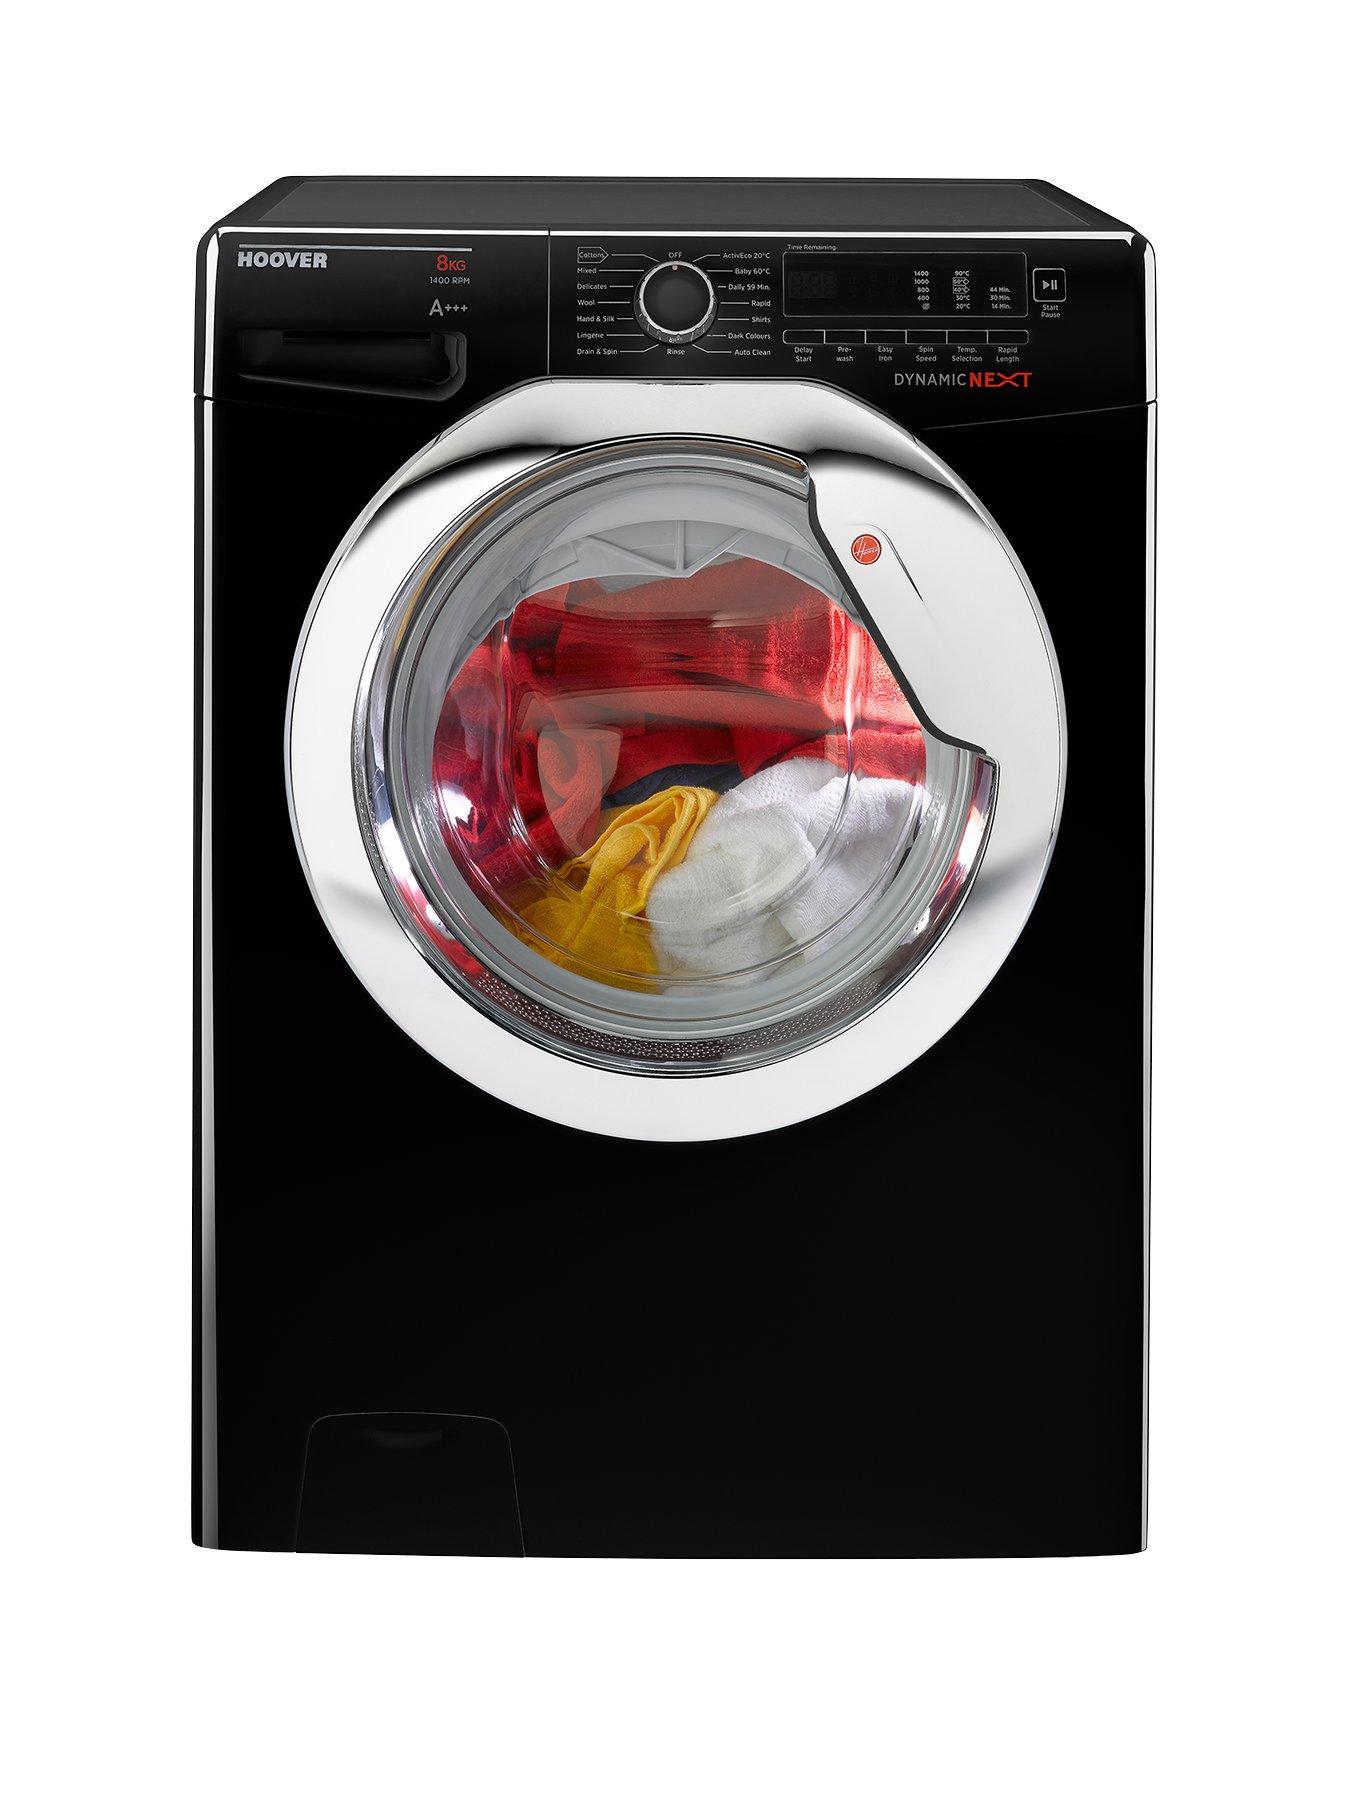 roshe run in washing machine